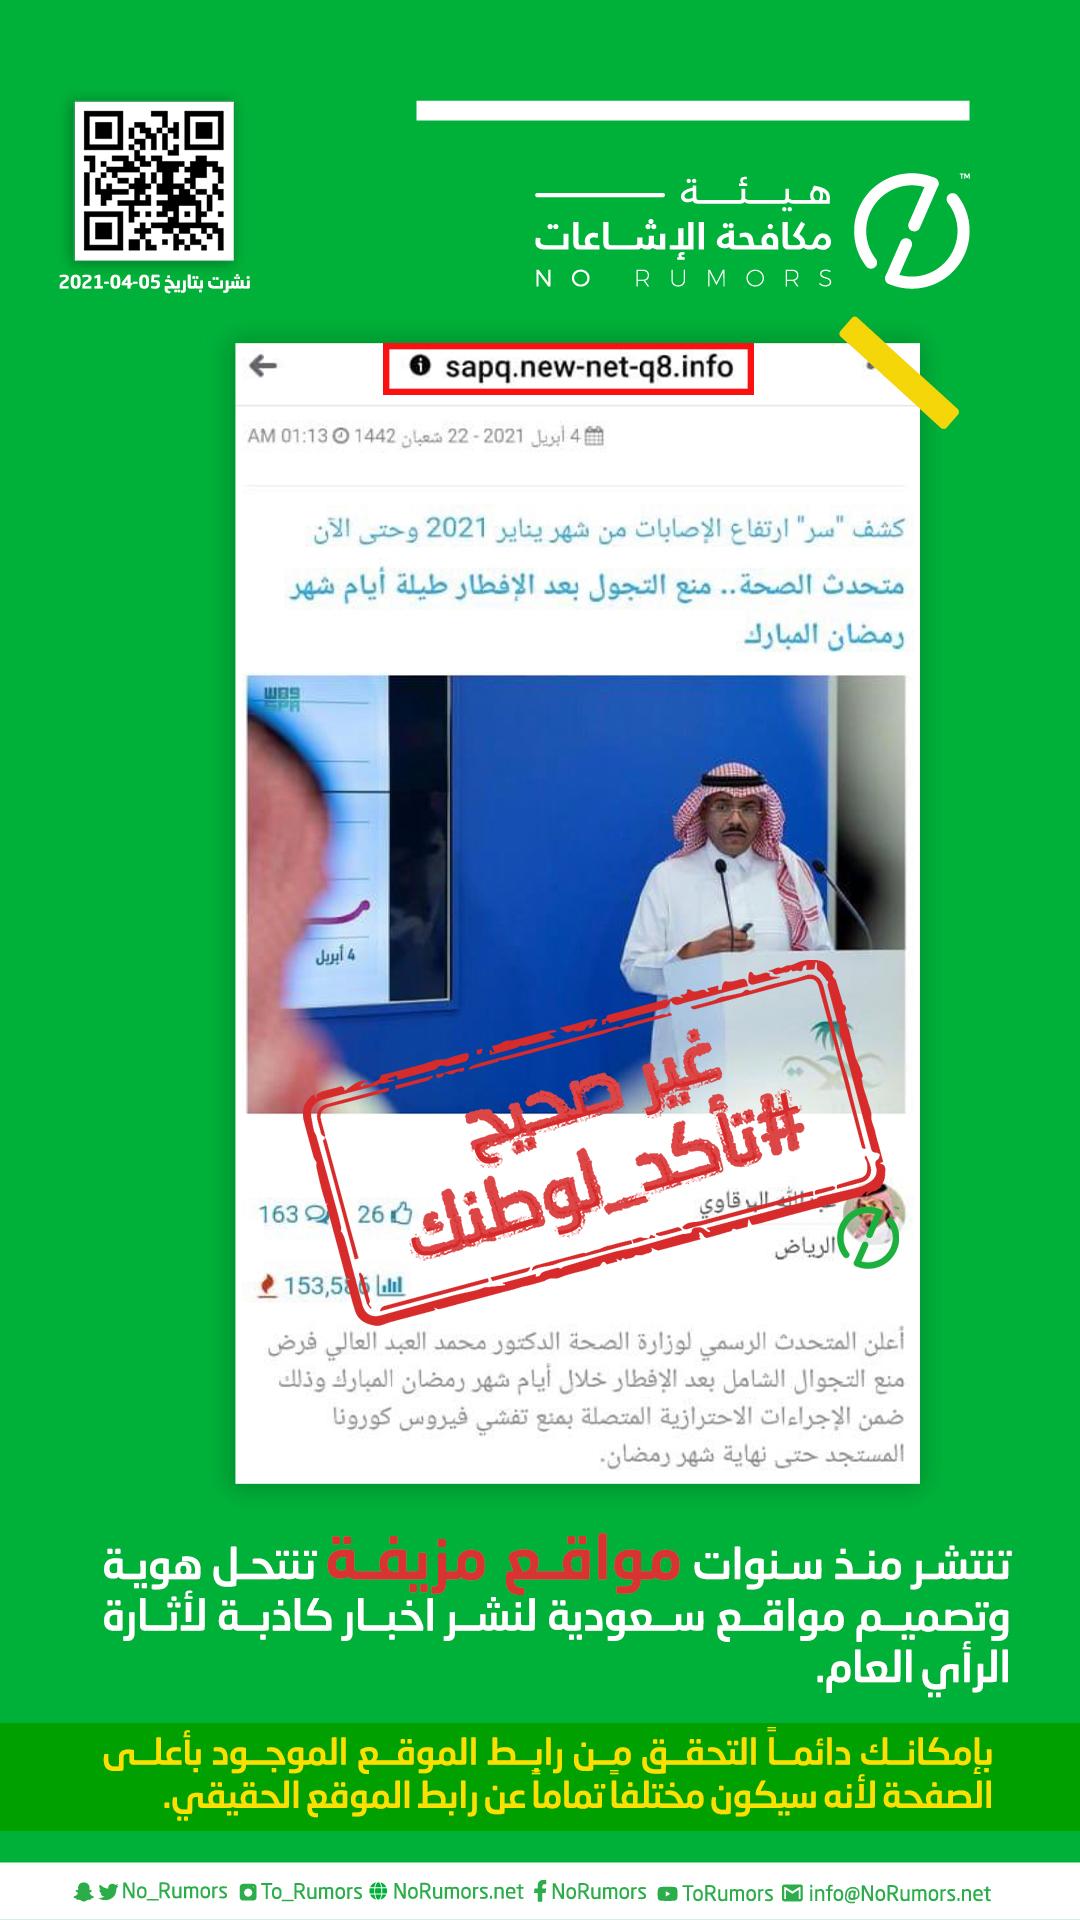 حقيقة فرض منع تجول بعد الإفطار بالسعودية